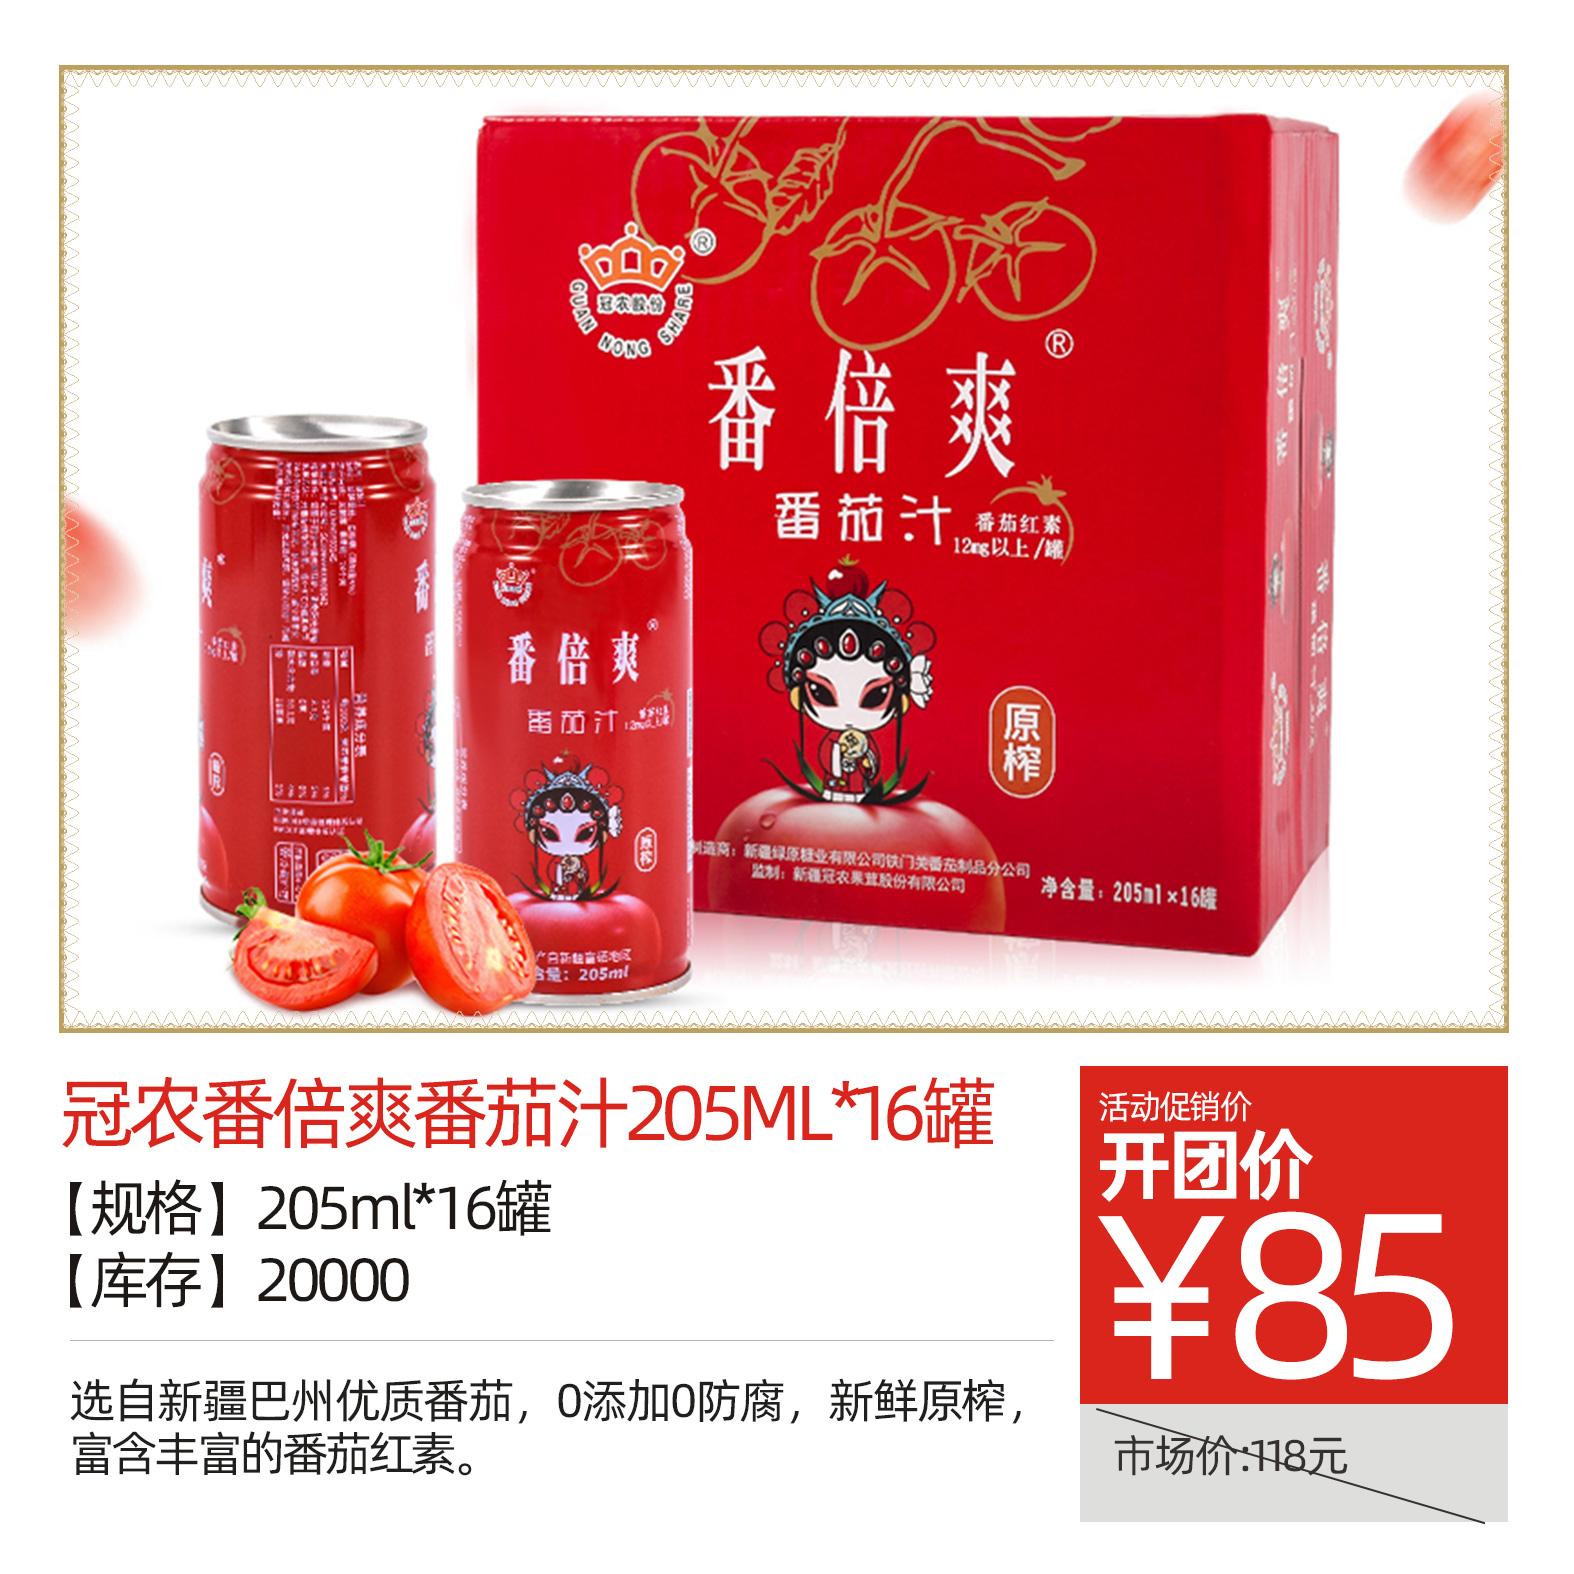 冠农番倍爽番茄汁205ml*16罐